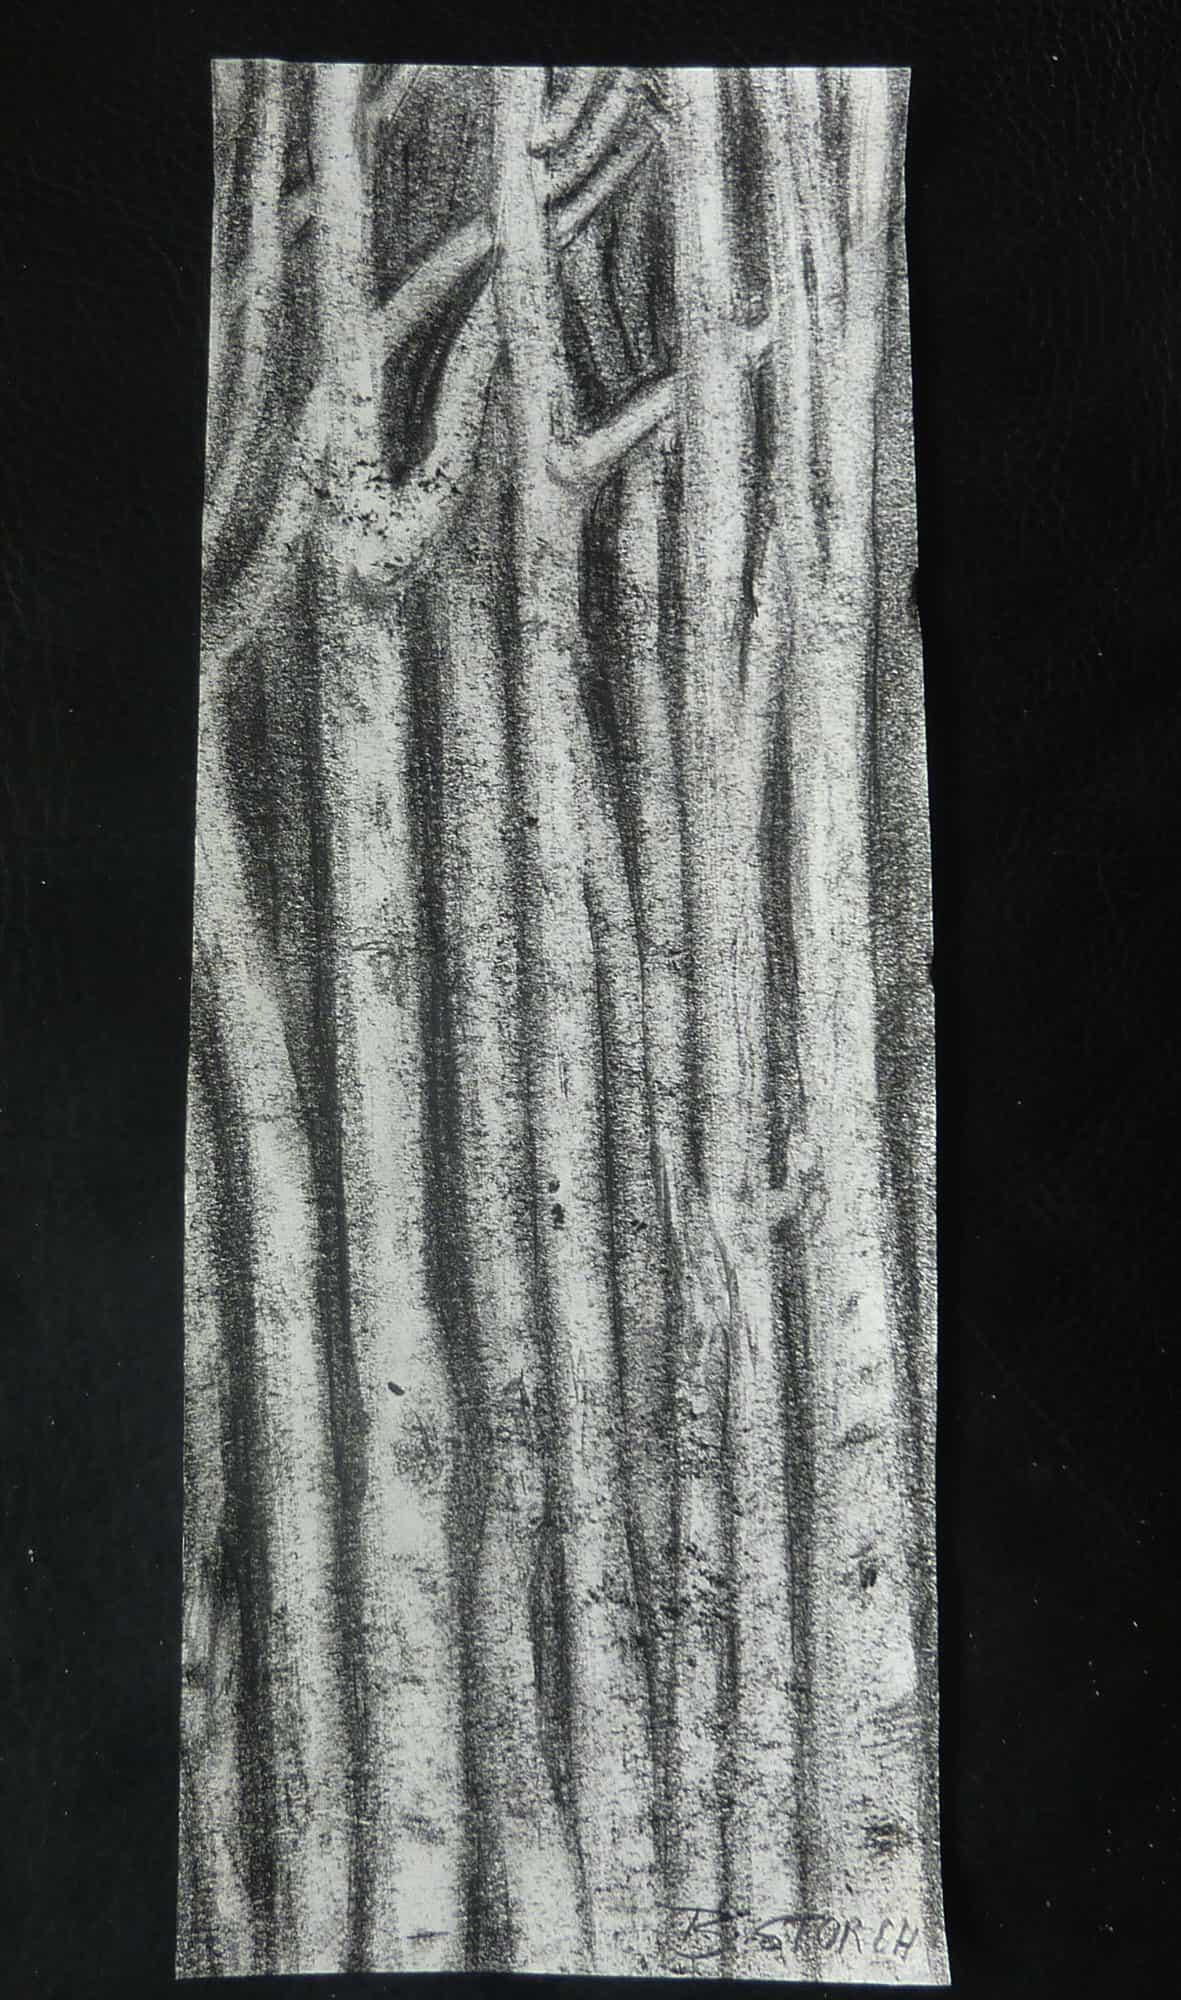 Brigitte Storch